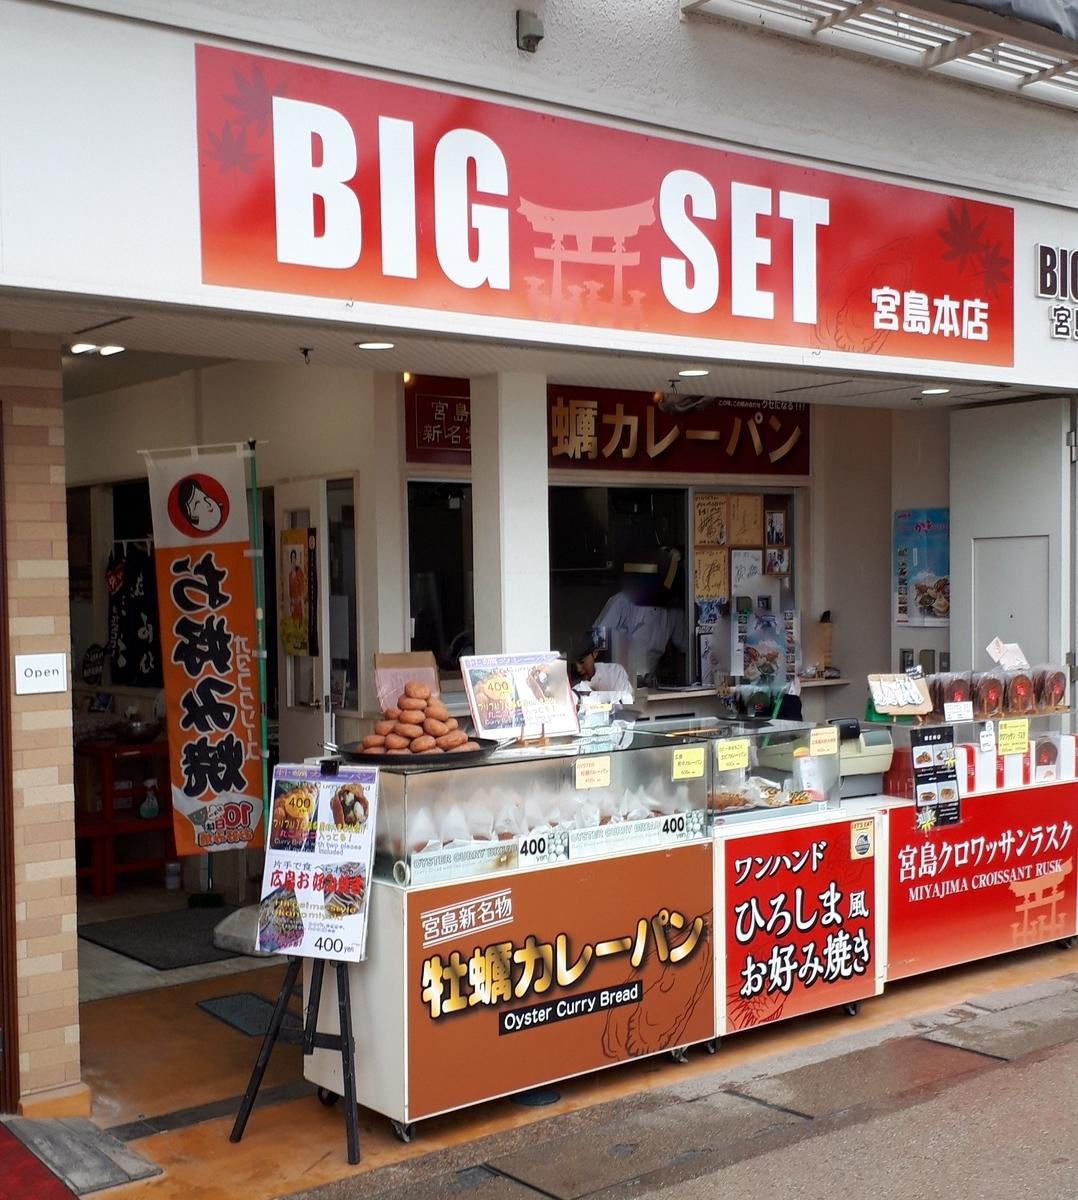 宮島 BIG SET 牡蠣カレーパン